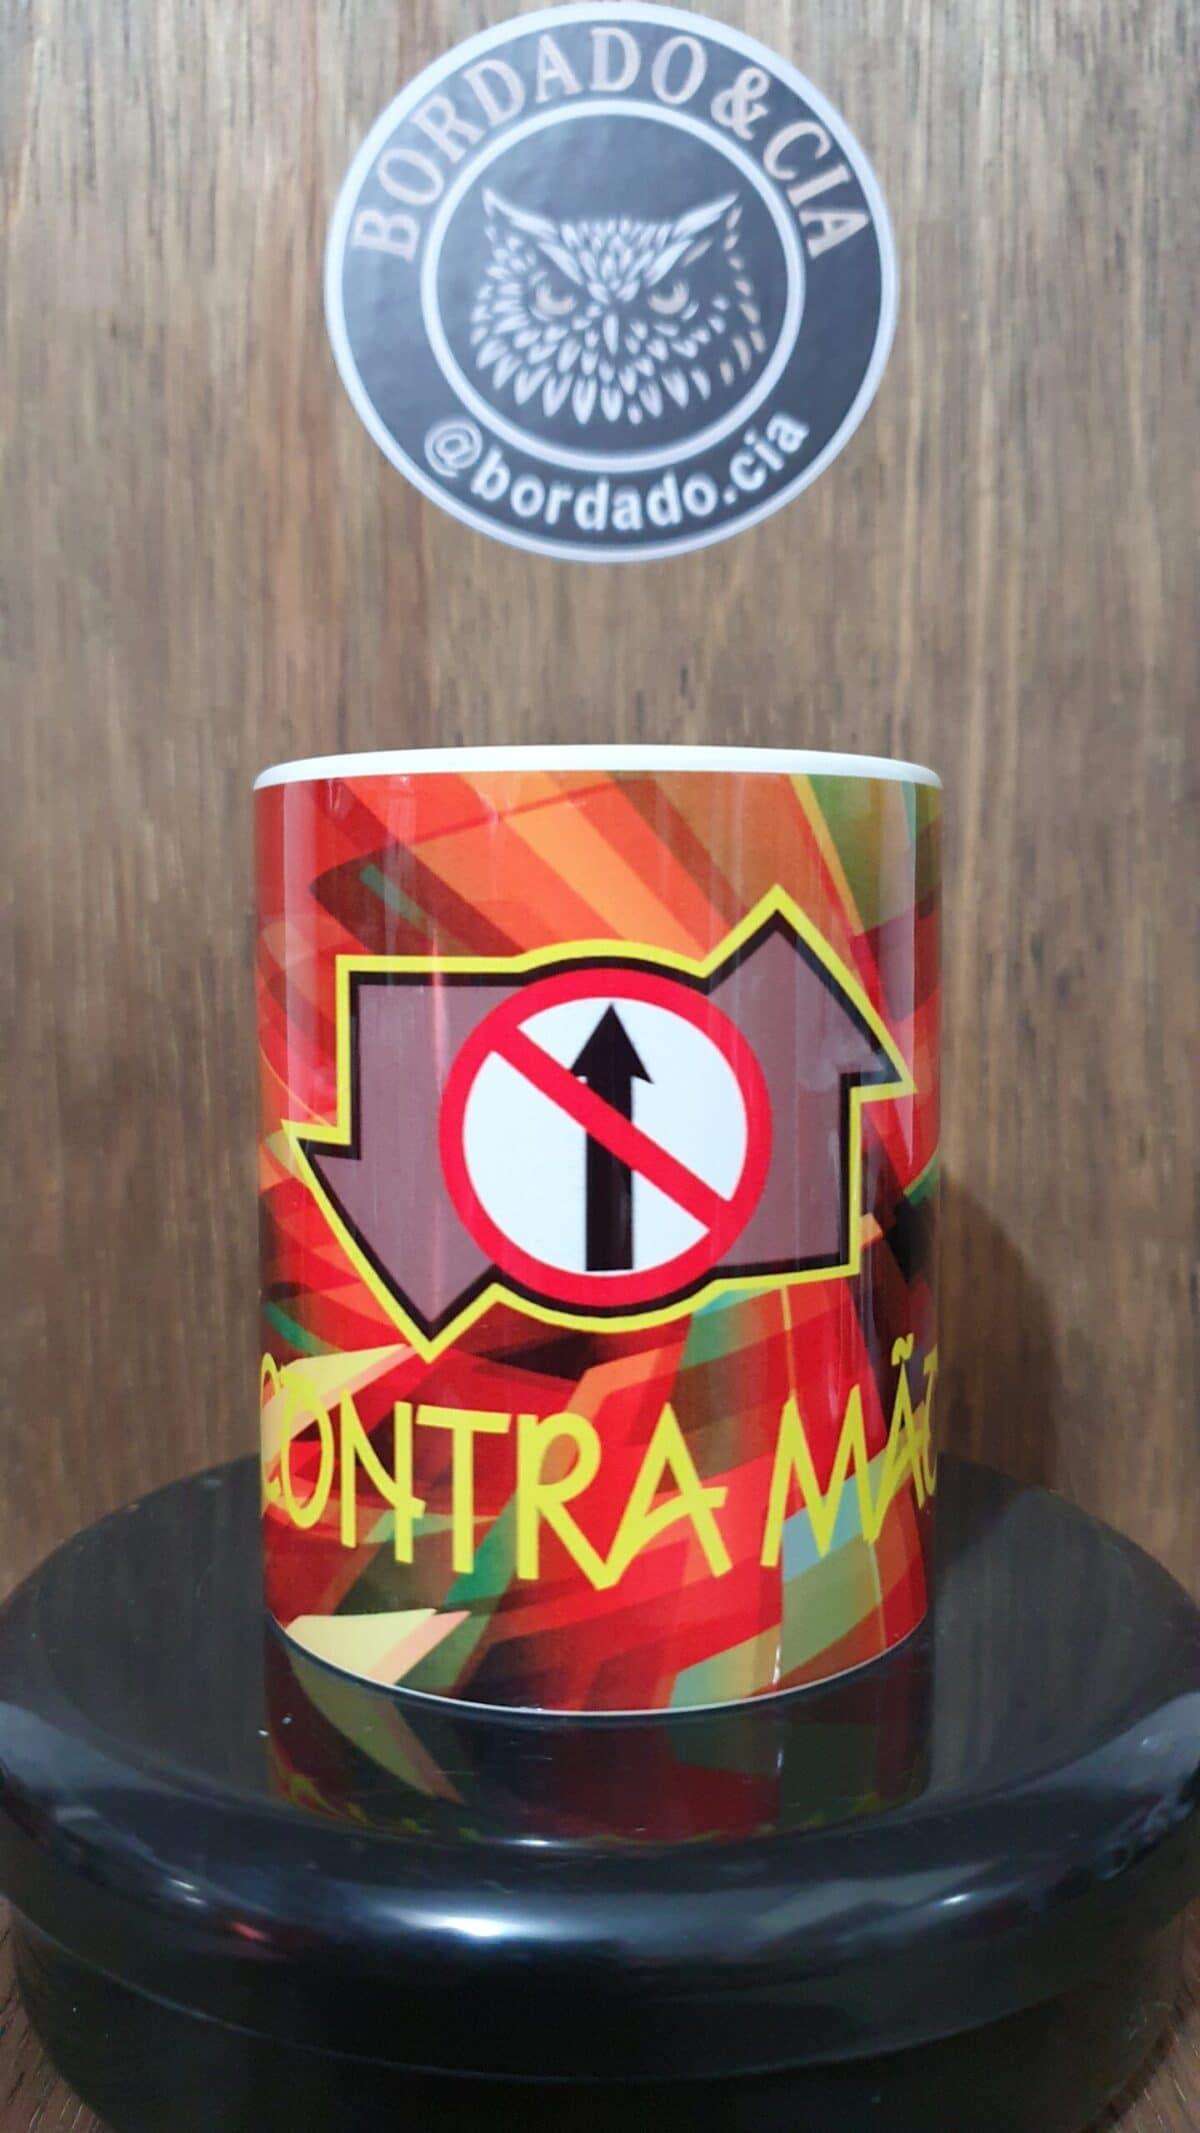 Caneca Oficial Contra Mão - Color - by Bordado & Cia - @bordado.cia; @dj.vadao; @danceteriacontramao; #danceteriacontramao